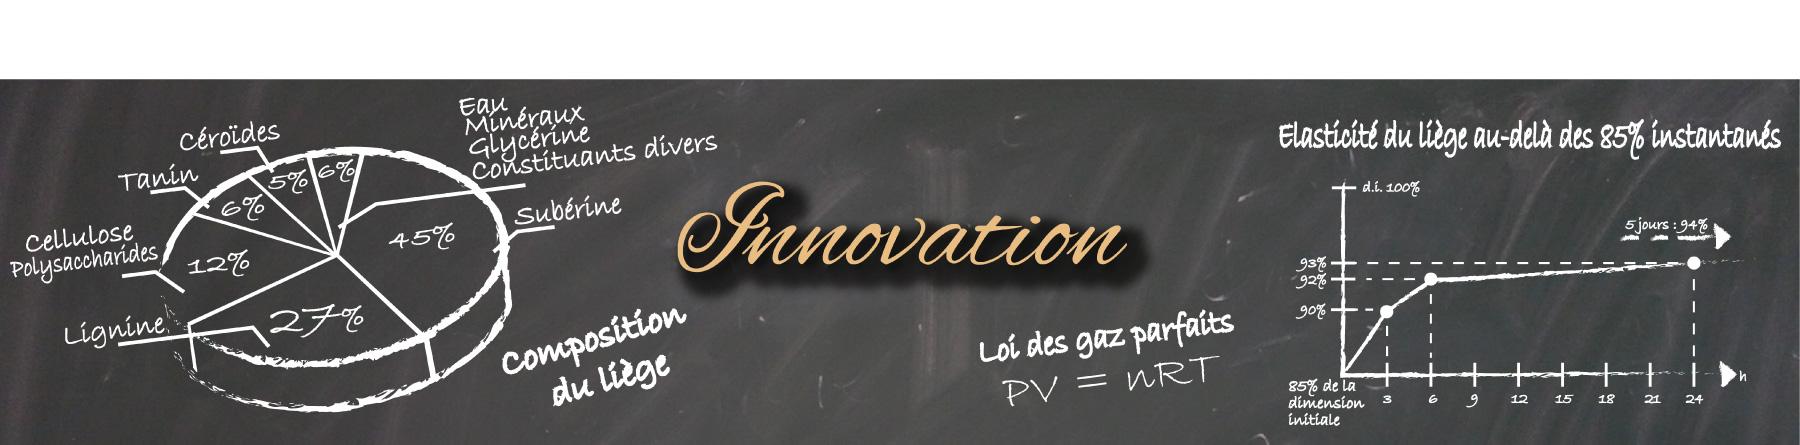 L'innovation en héritage